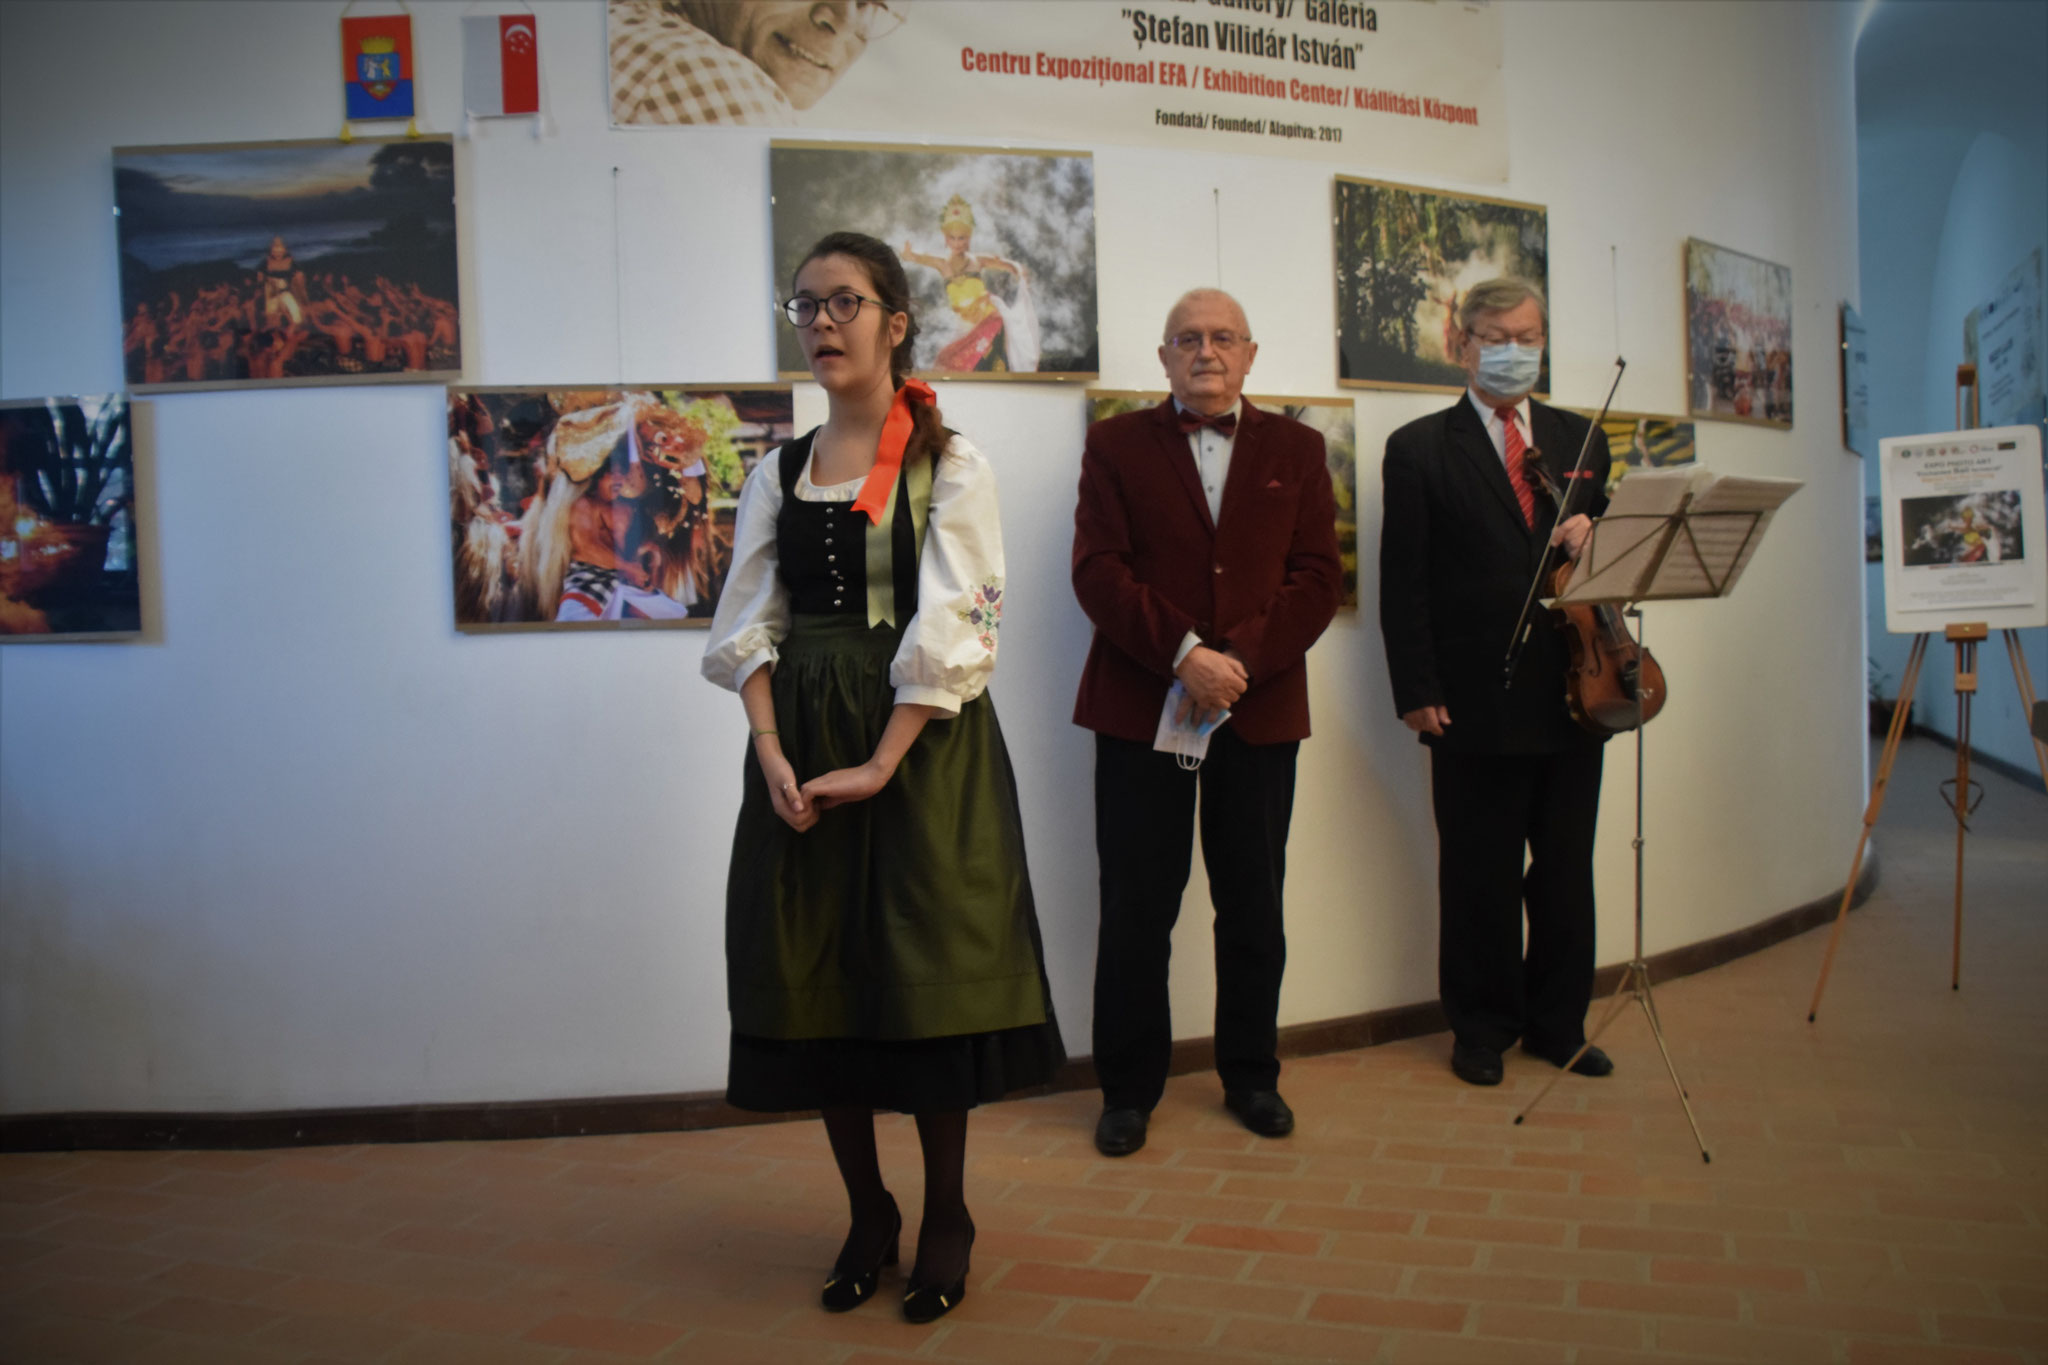 Photo EFA/ Csíki János